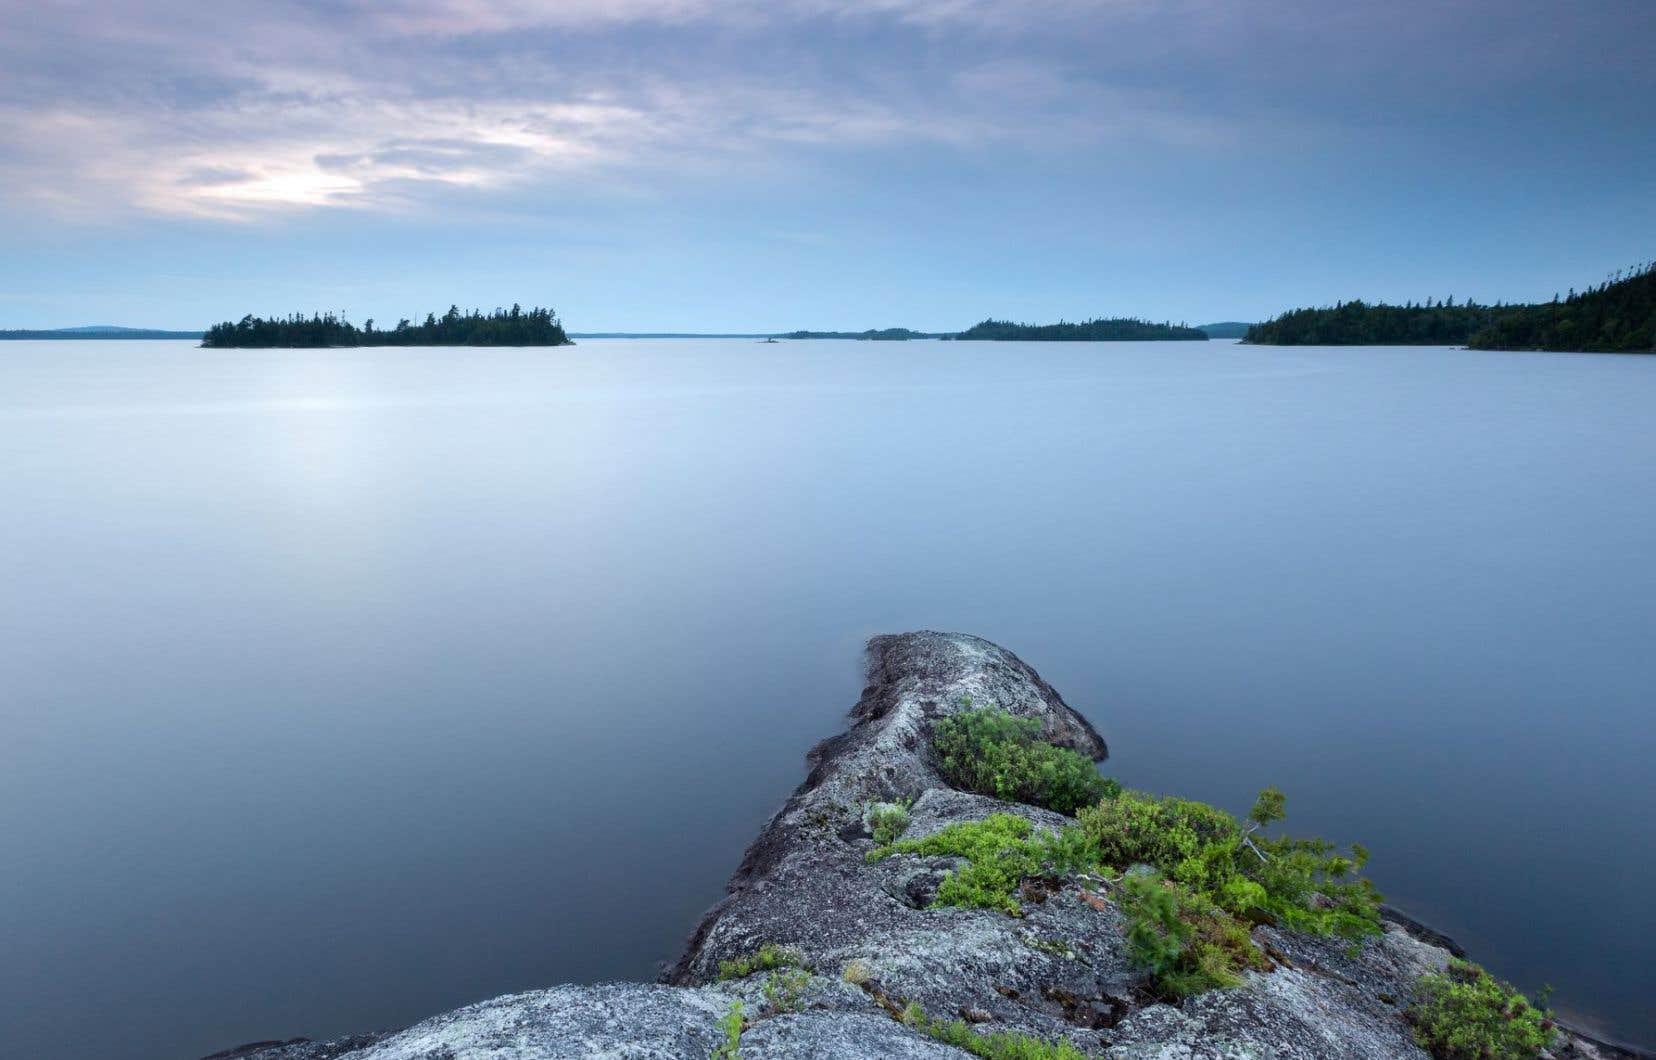 La réserve faunique La Vérendrye est le paradis du canot-camping (et du kayak-camping) grâce à son dédale d'îles et d'îlots, dont certains où planter sa tente.